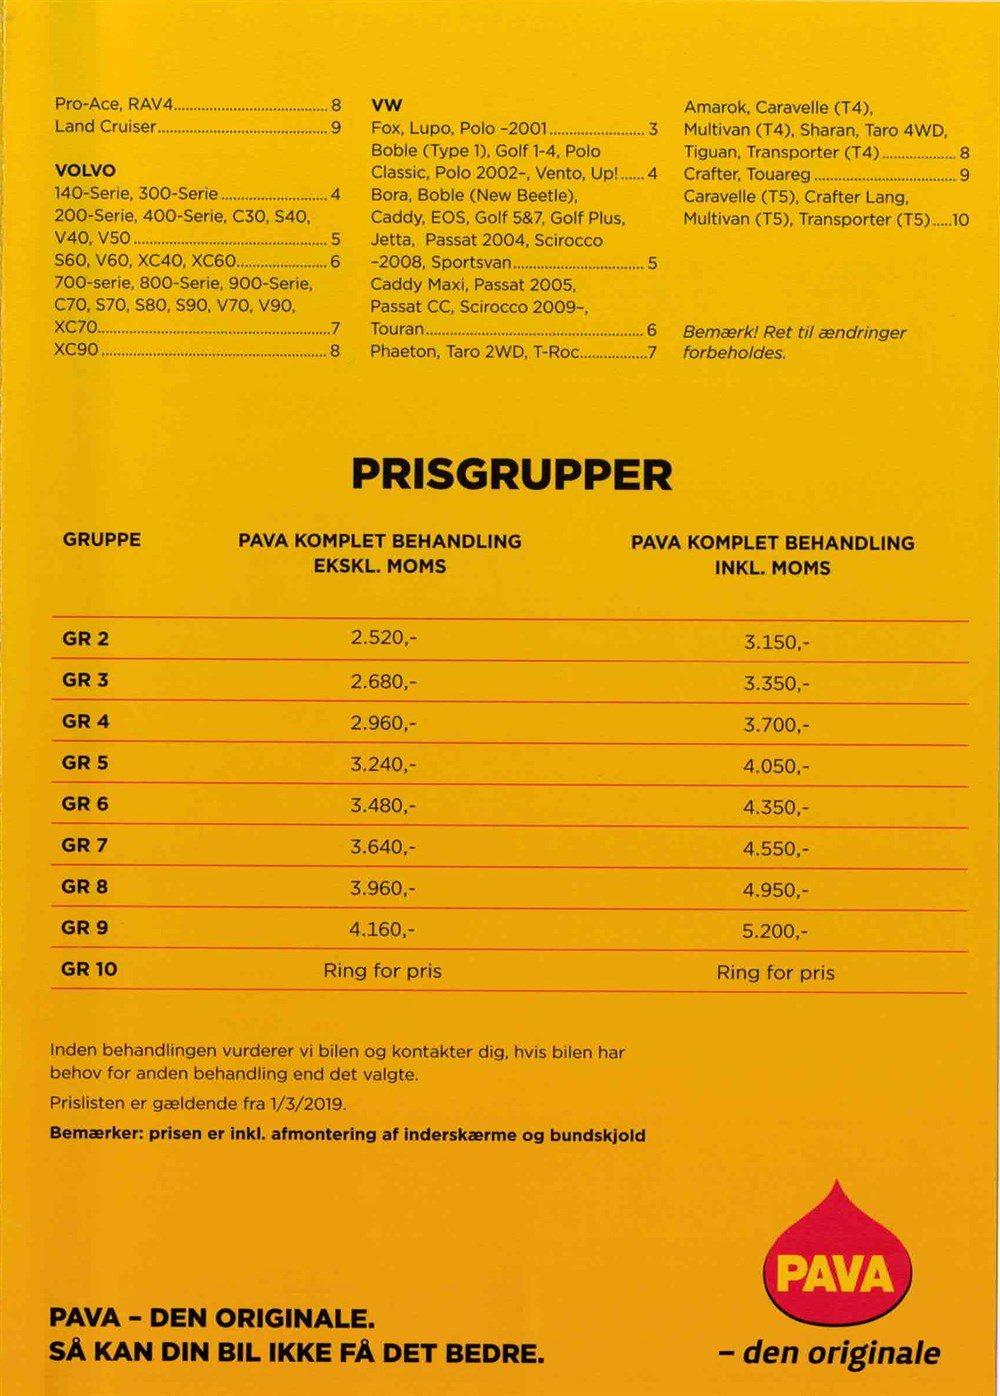 Prisgrupper3.jpg